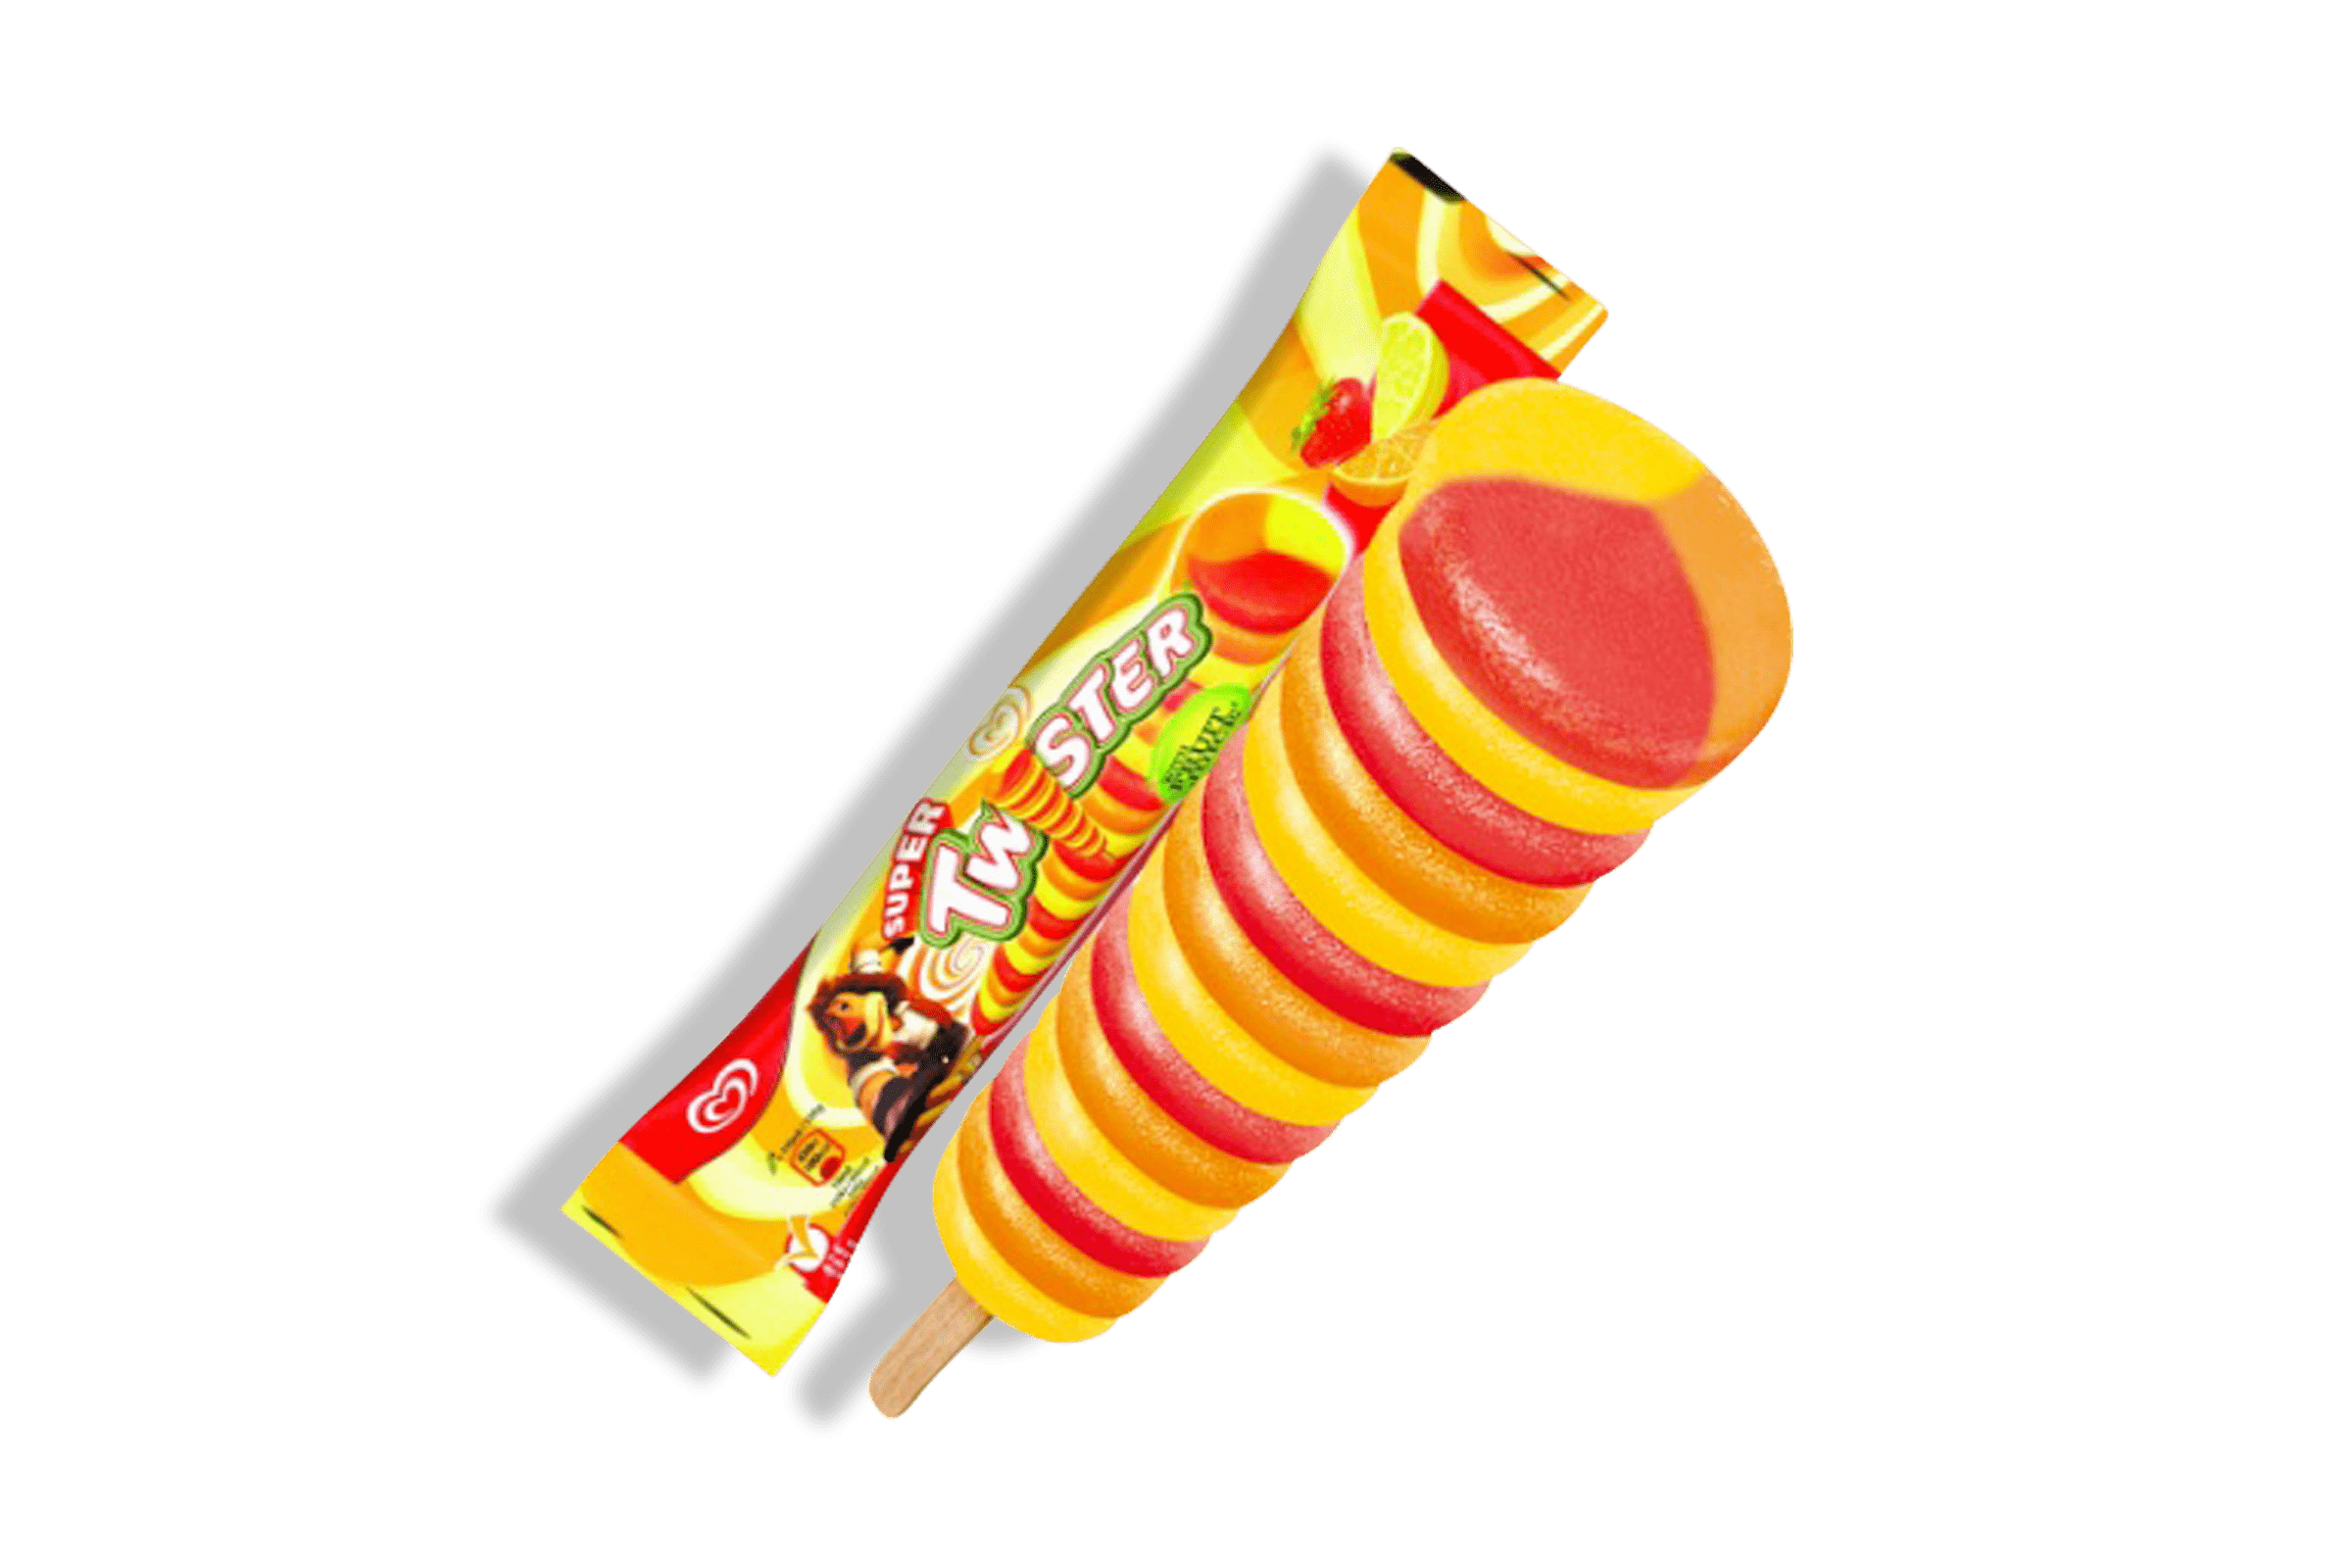 Super Twister 110 ml 1